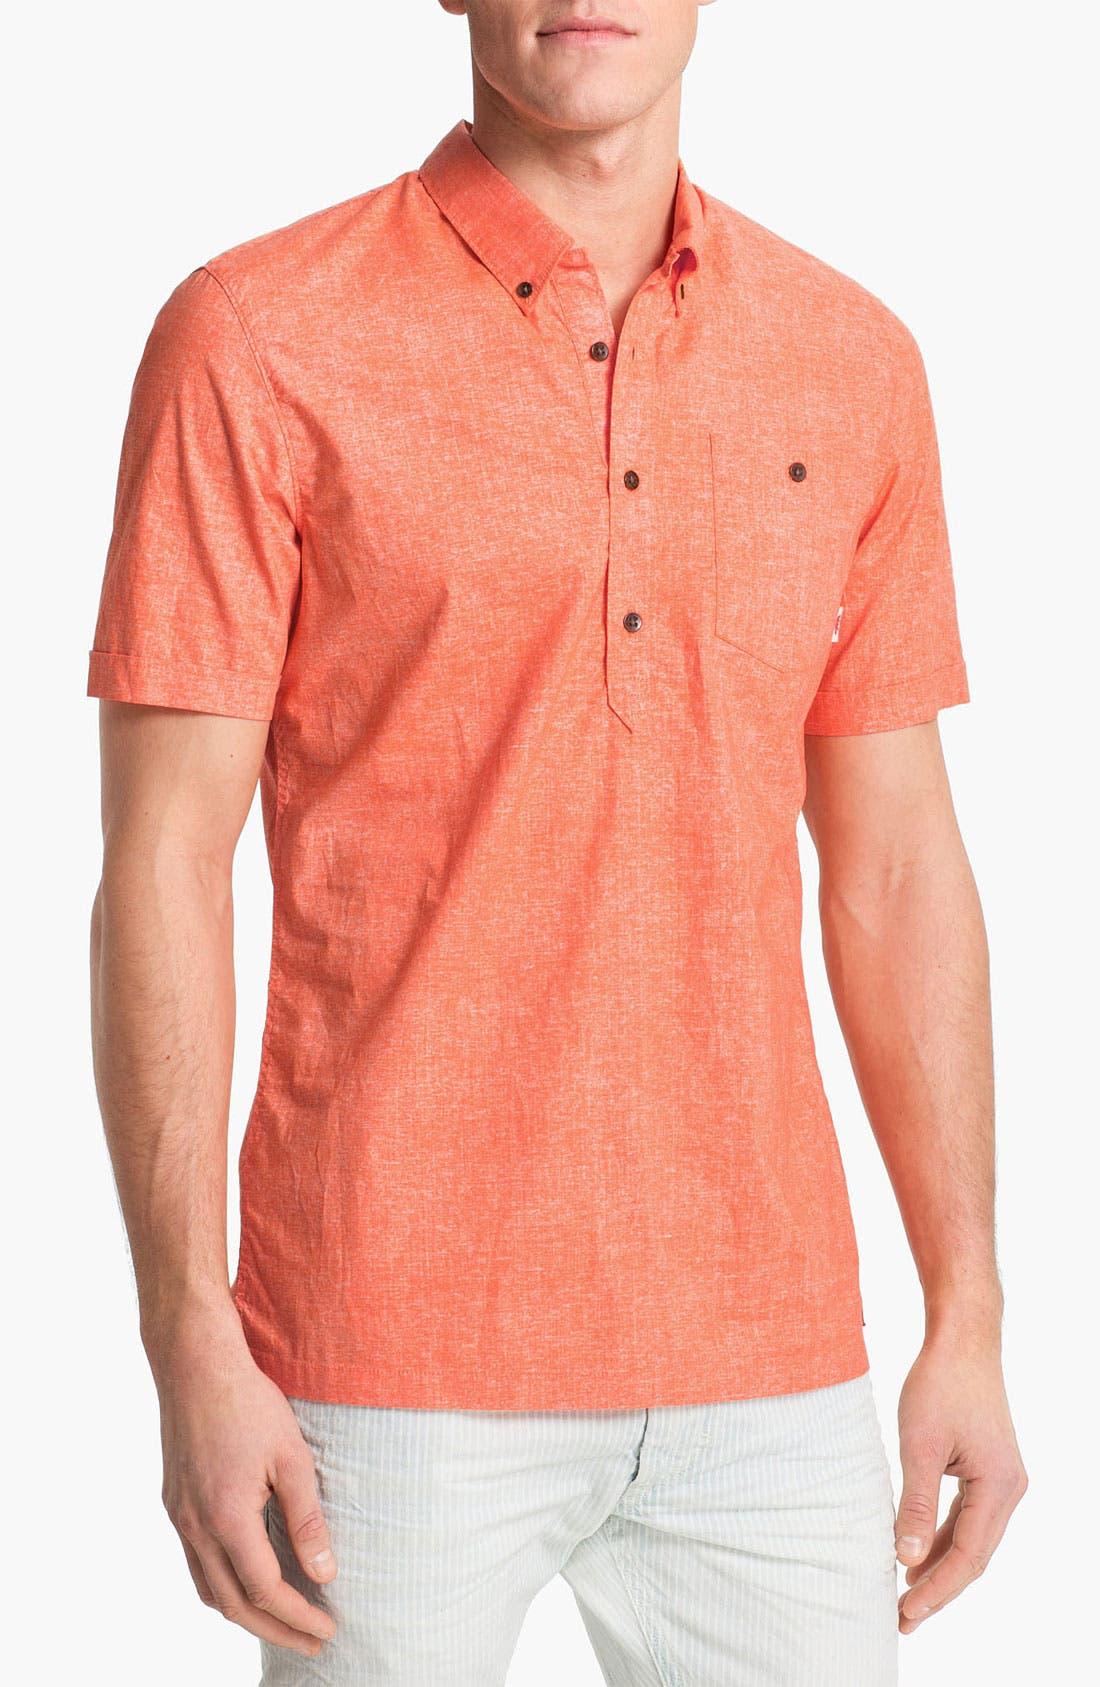 Alternate Image 1 Selected - Vans 'Redding' Pullover Woven Shirt